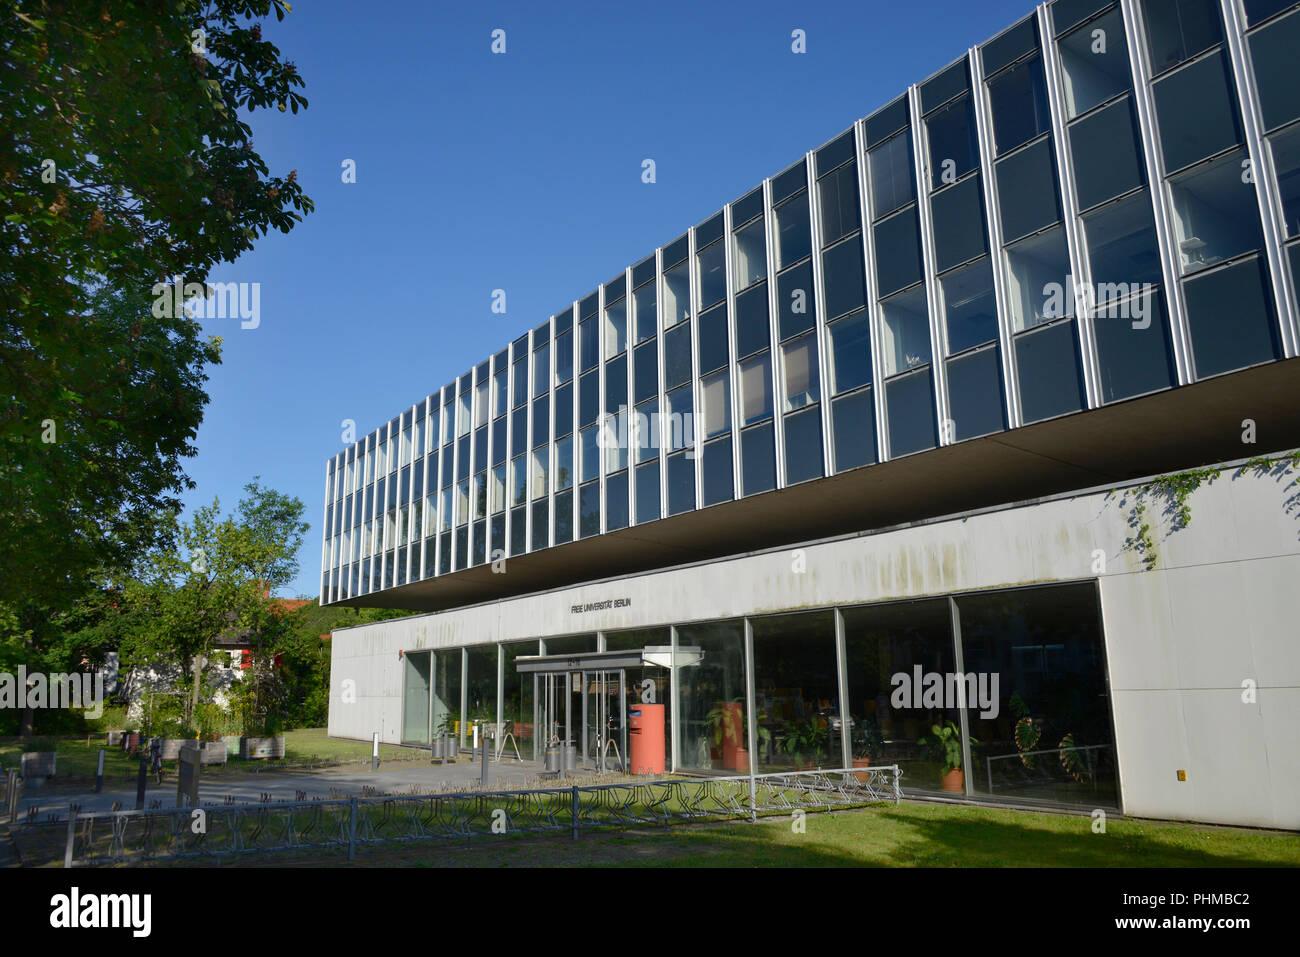 Freie Universität, Fachbereich Biologie Chemie, Koenigin-Luise-Straße 12 - 16, Dahlem, Berlin, Deutschland Stockbild